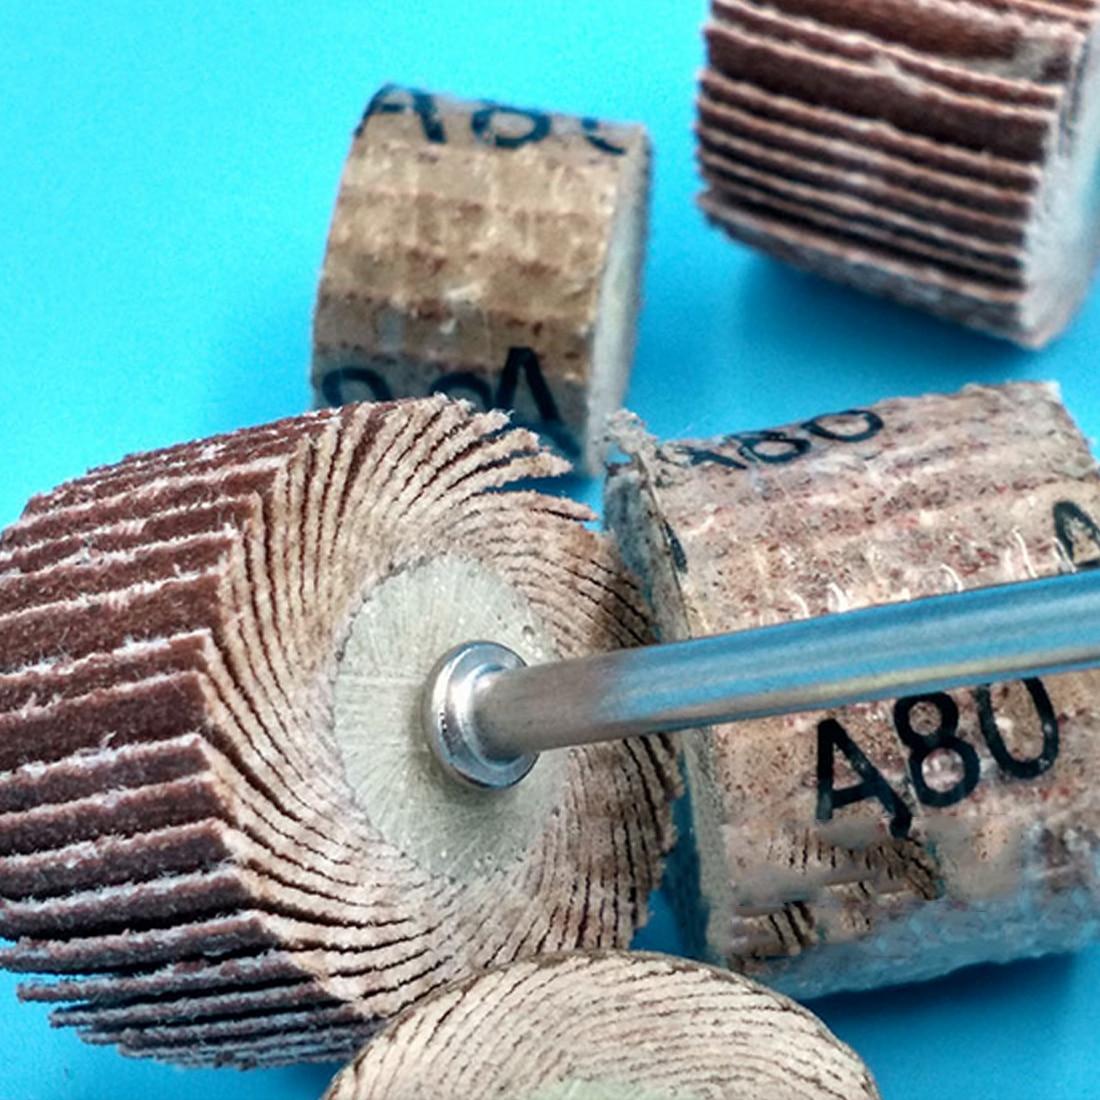 10Pcs Sanding Sandpaper Wheel Disc 20mm Flap 240 Grit Set For Dremel Rotary Tool